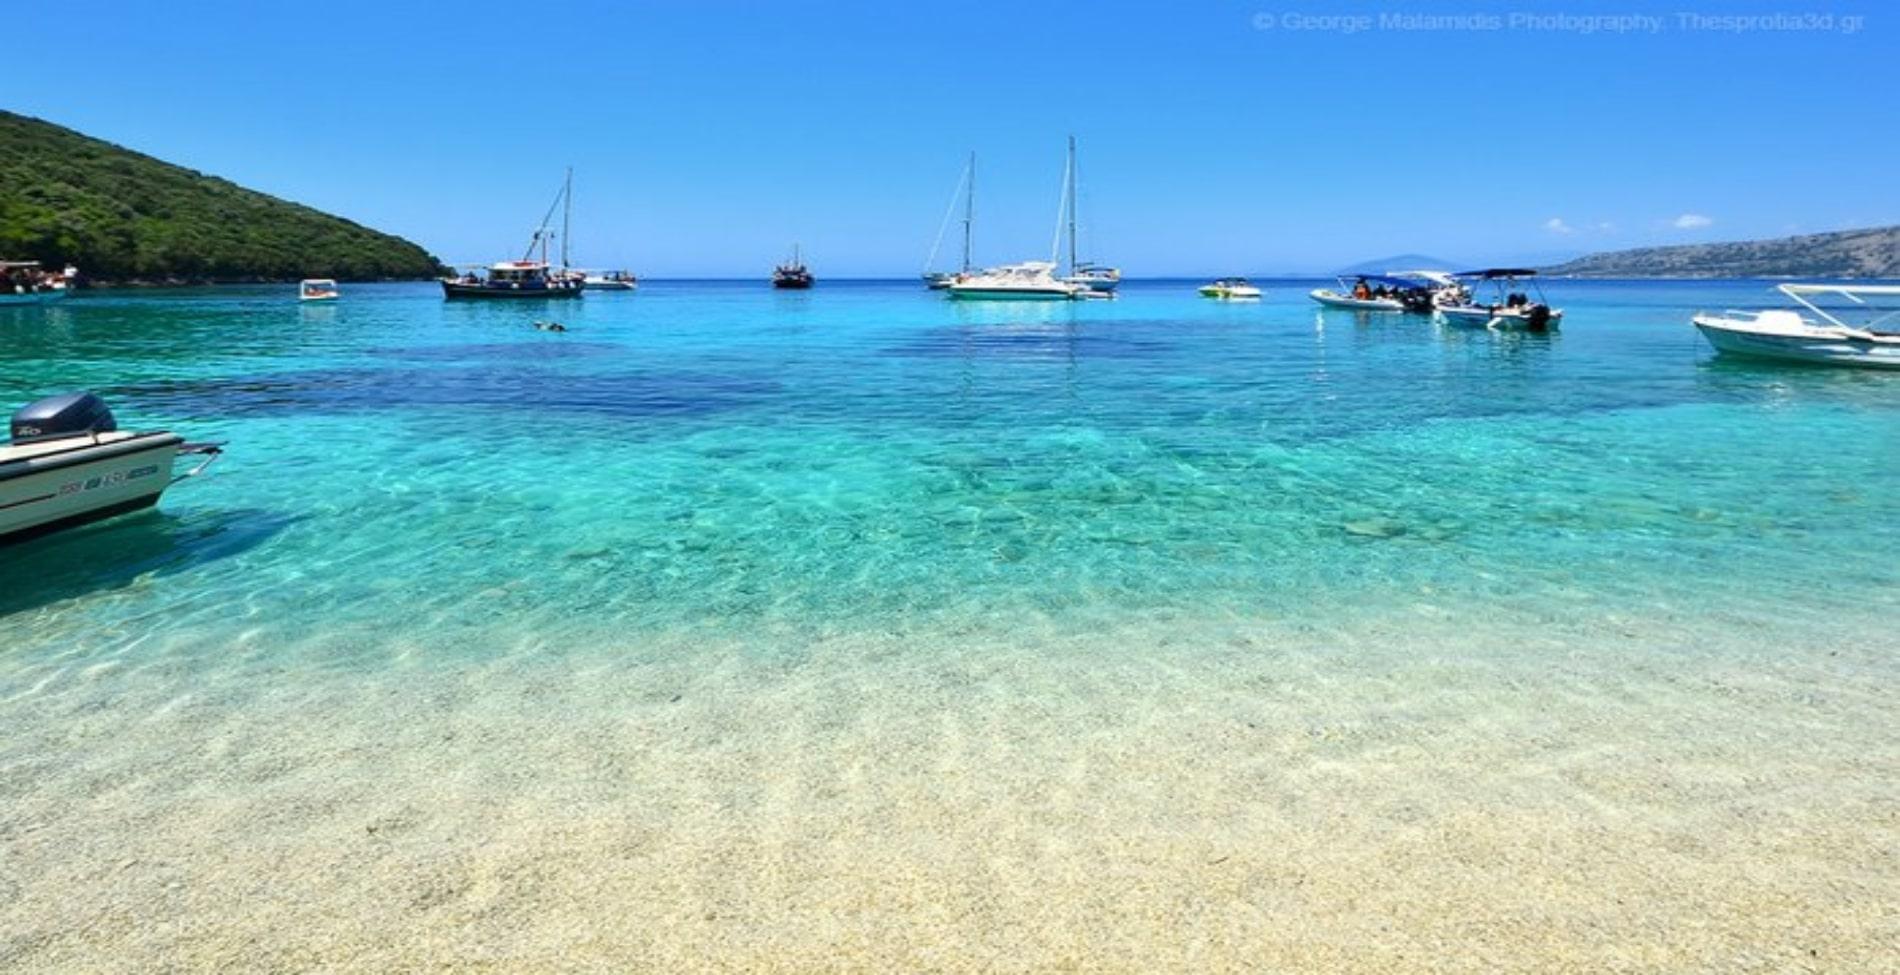 Σύβοτα: Η παραλία που είναι Πισίνα όνομα και πράγμα1